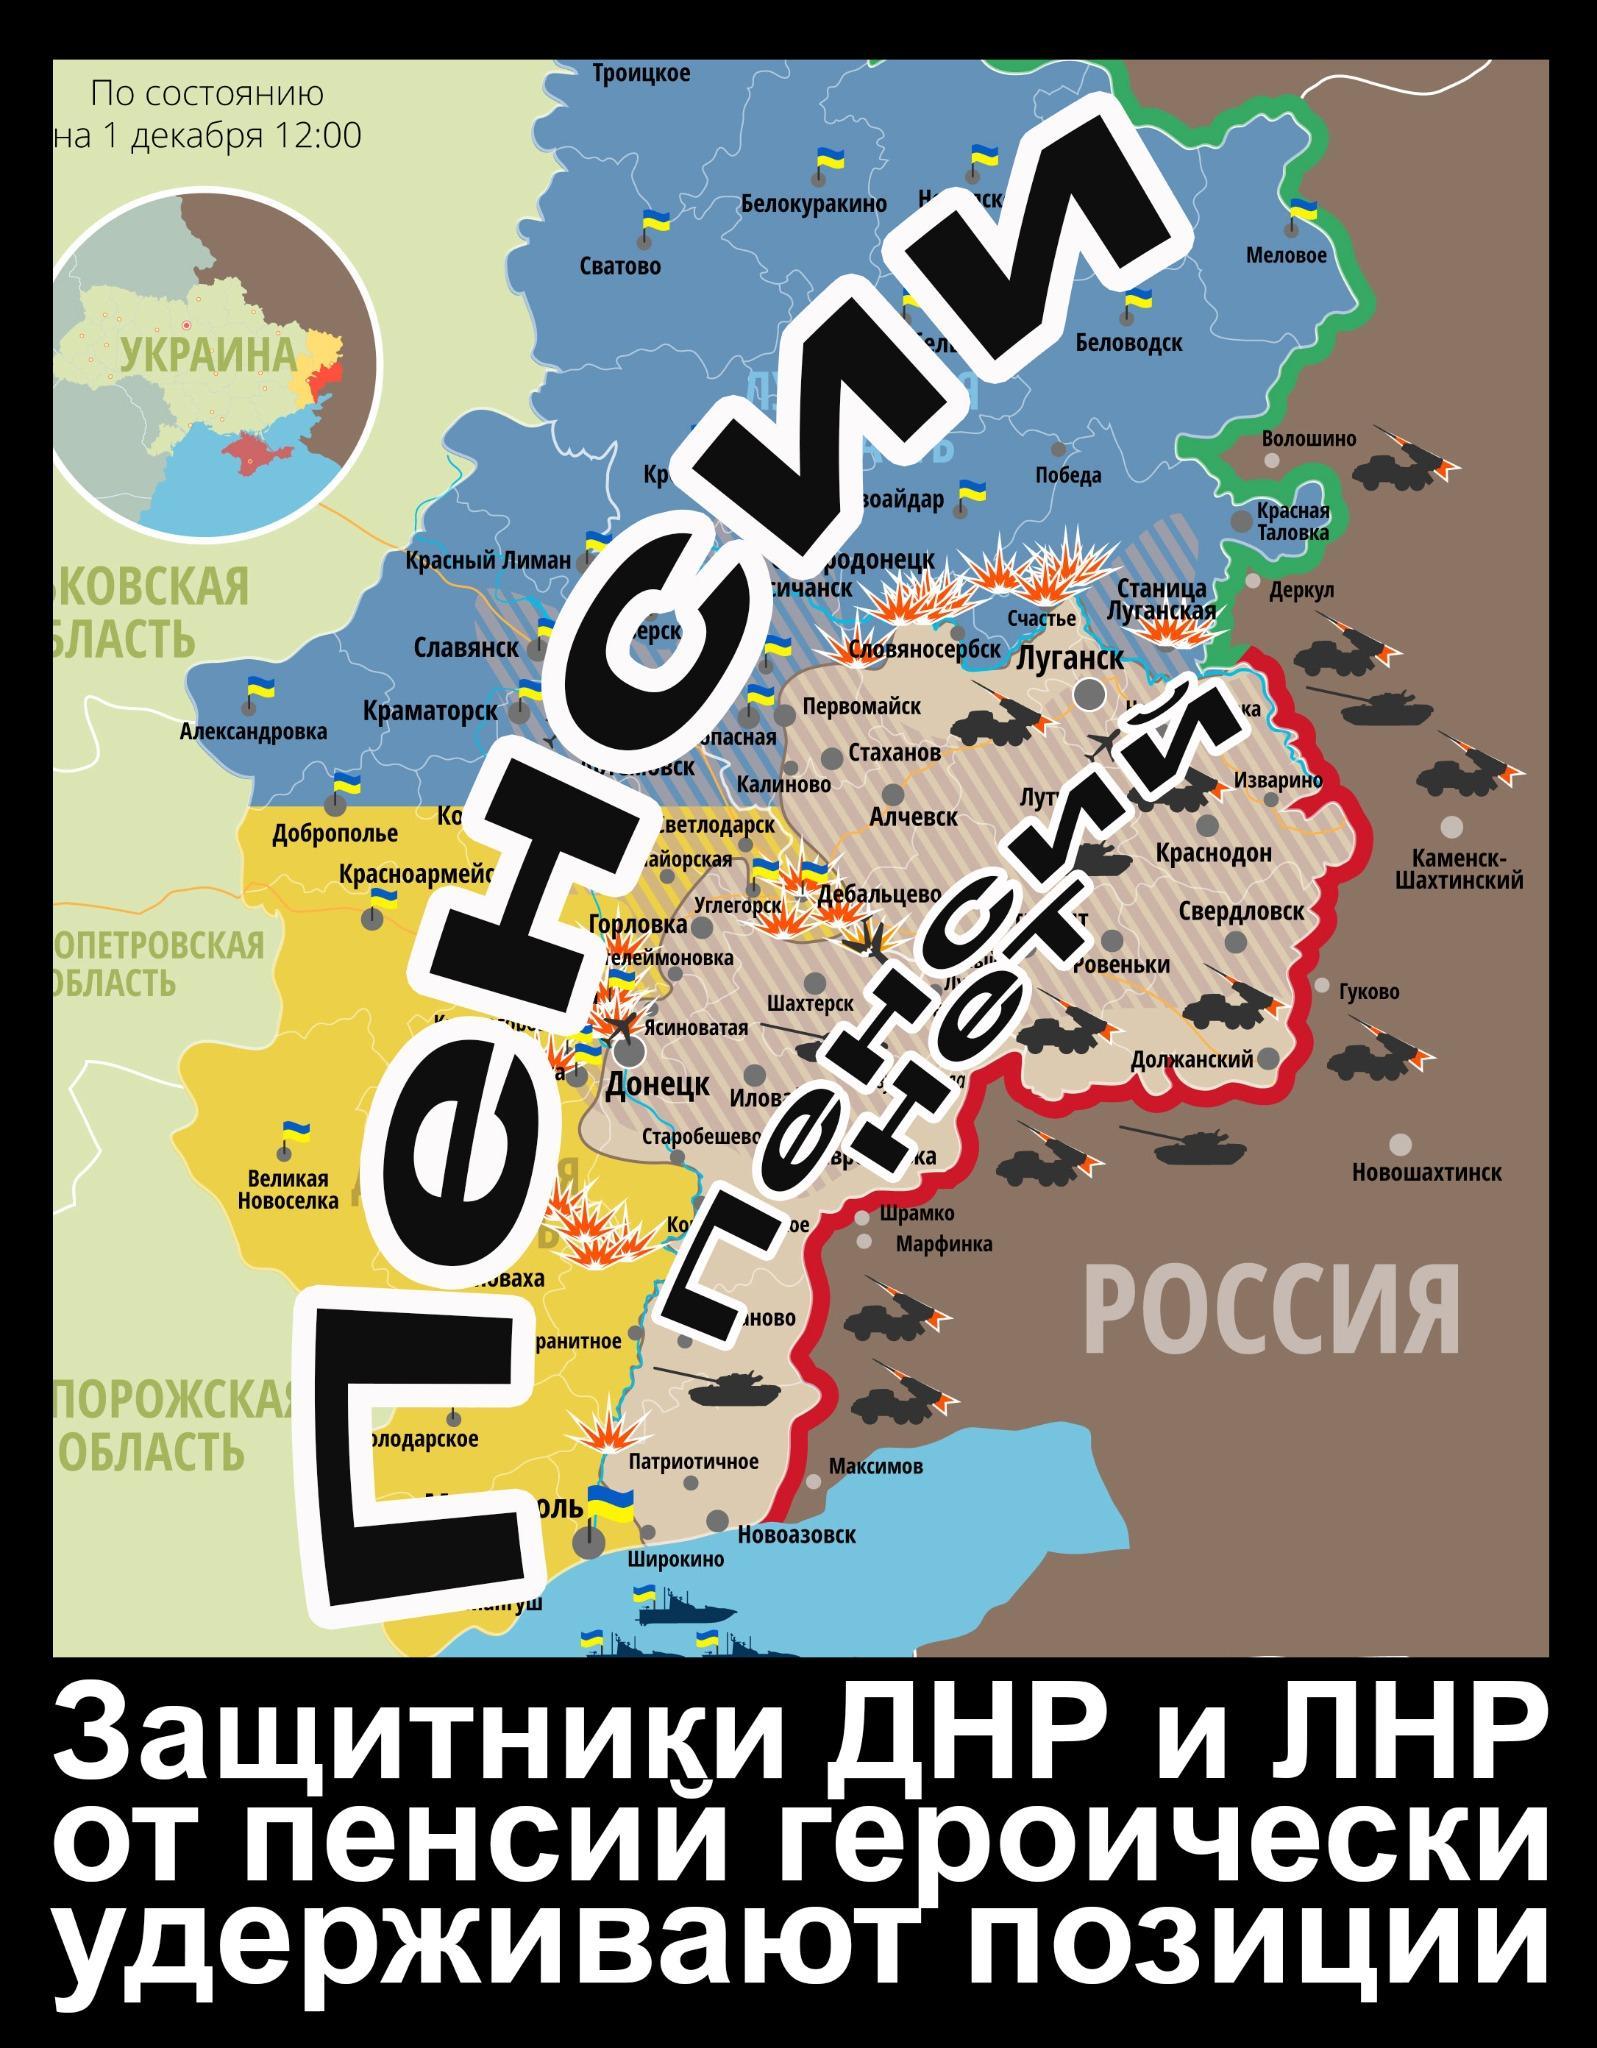 Яценюк поручил главе Минэнерго ответить, когда прекратятся отключения электричества - Цензор.НЕТ 5780